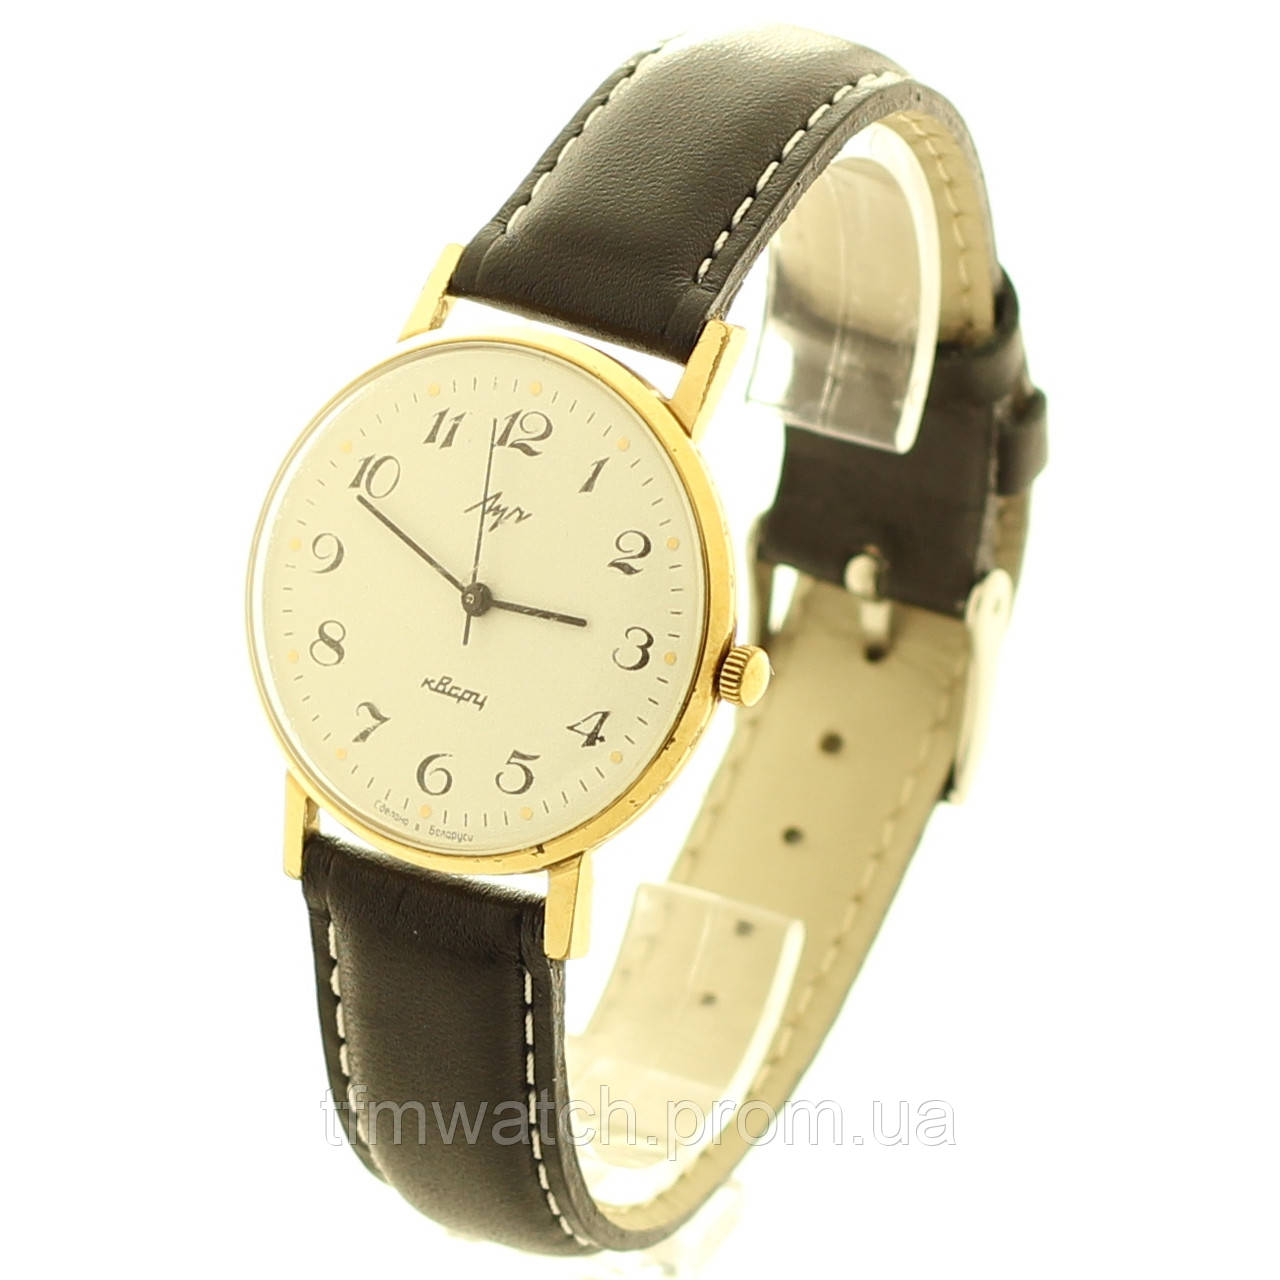 Луч кварц наручные часы Беларусь